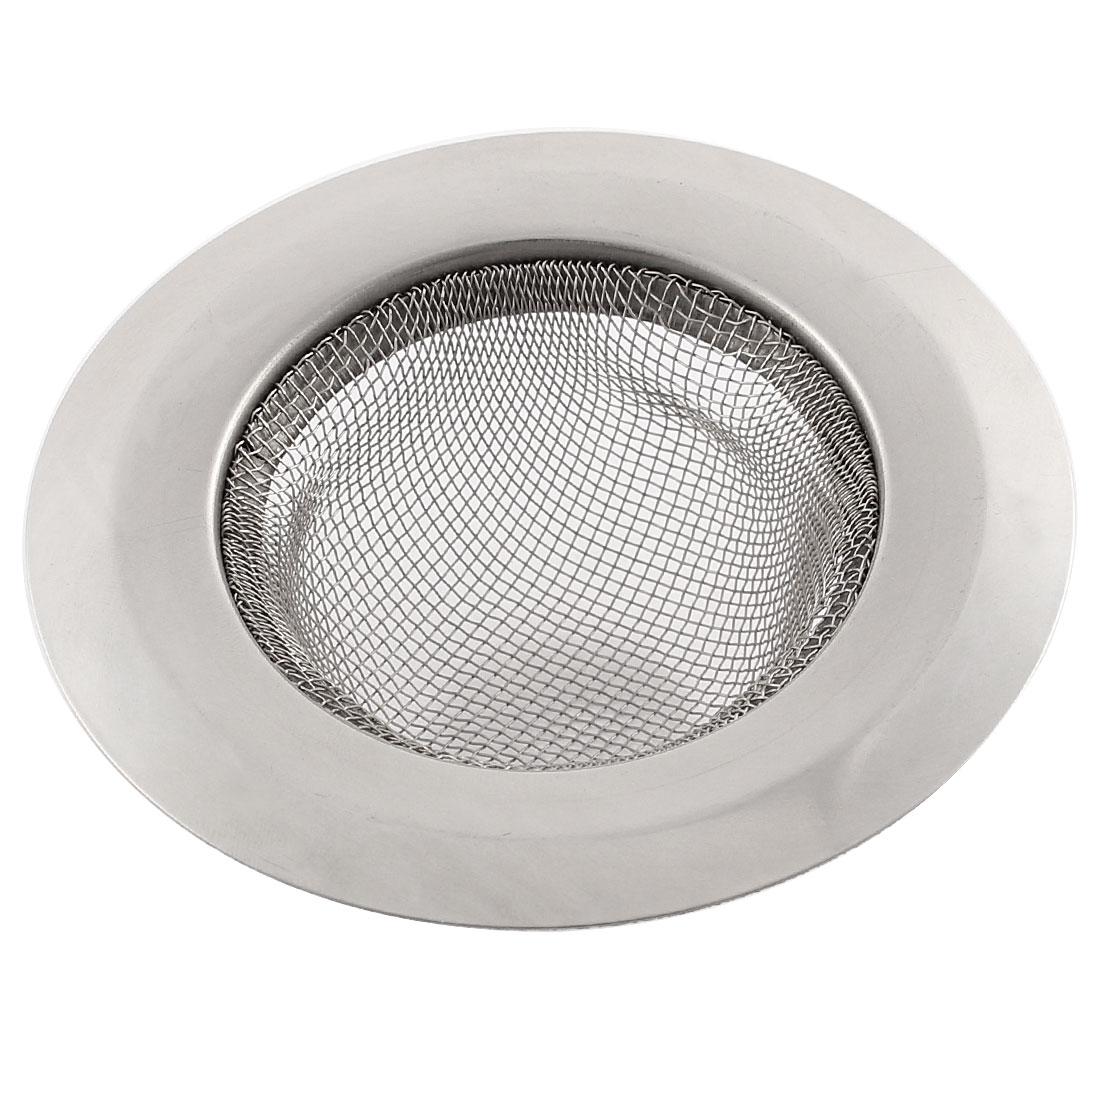 """3.5"""" Dia Kitchen Bathroom Basin Waste Filter Mesh Sink Strainer Silver Tone"""